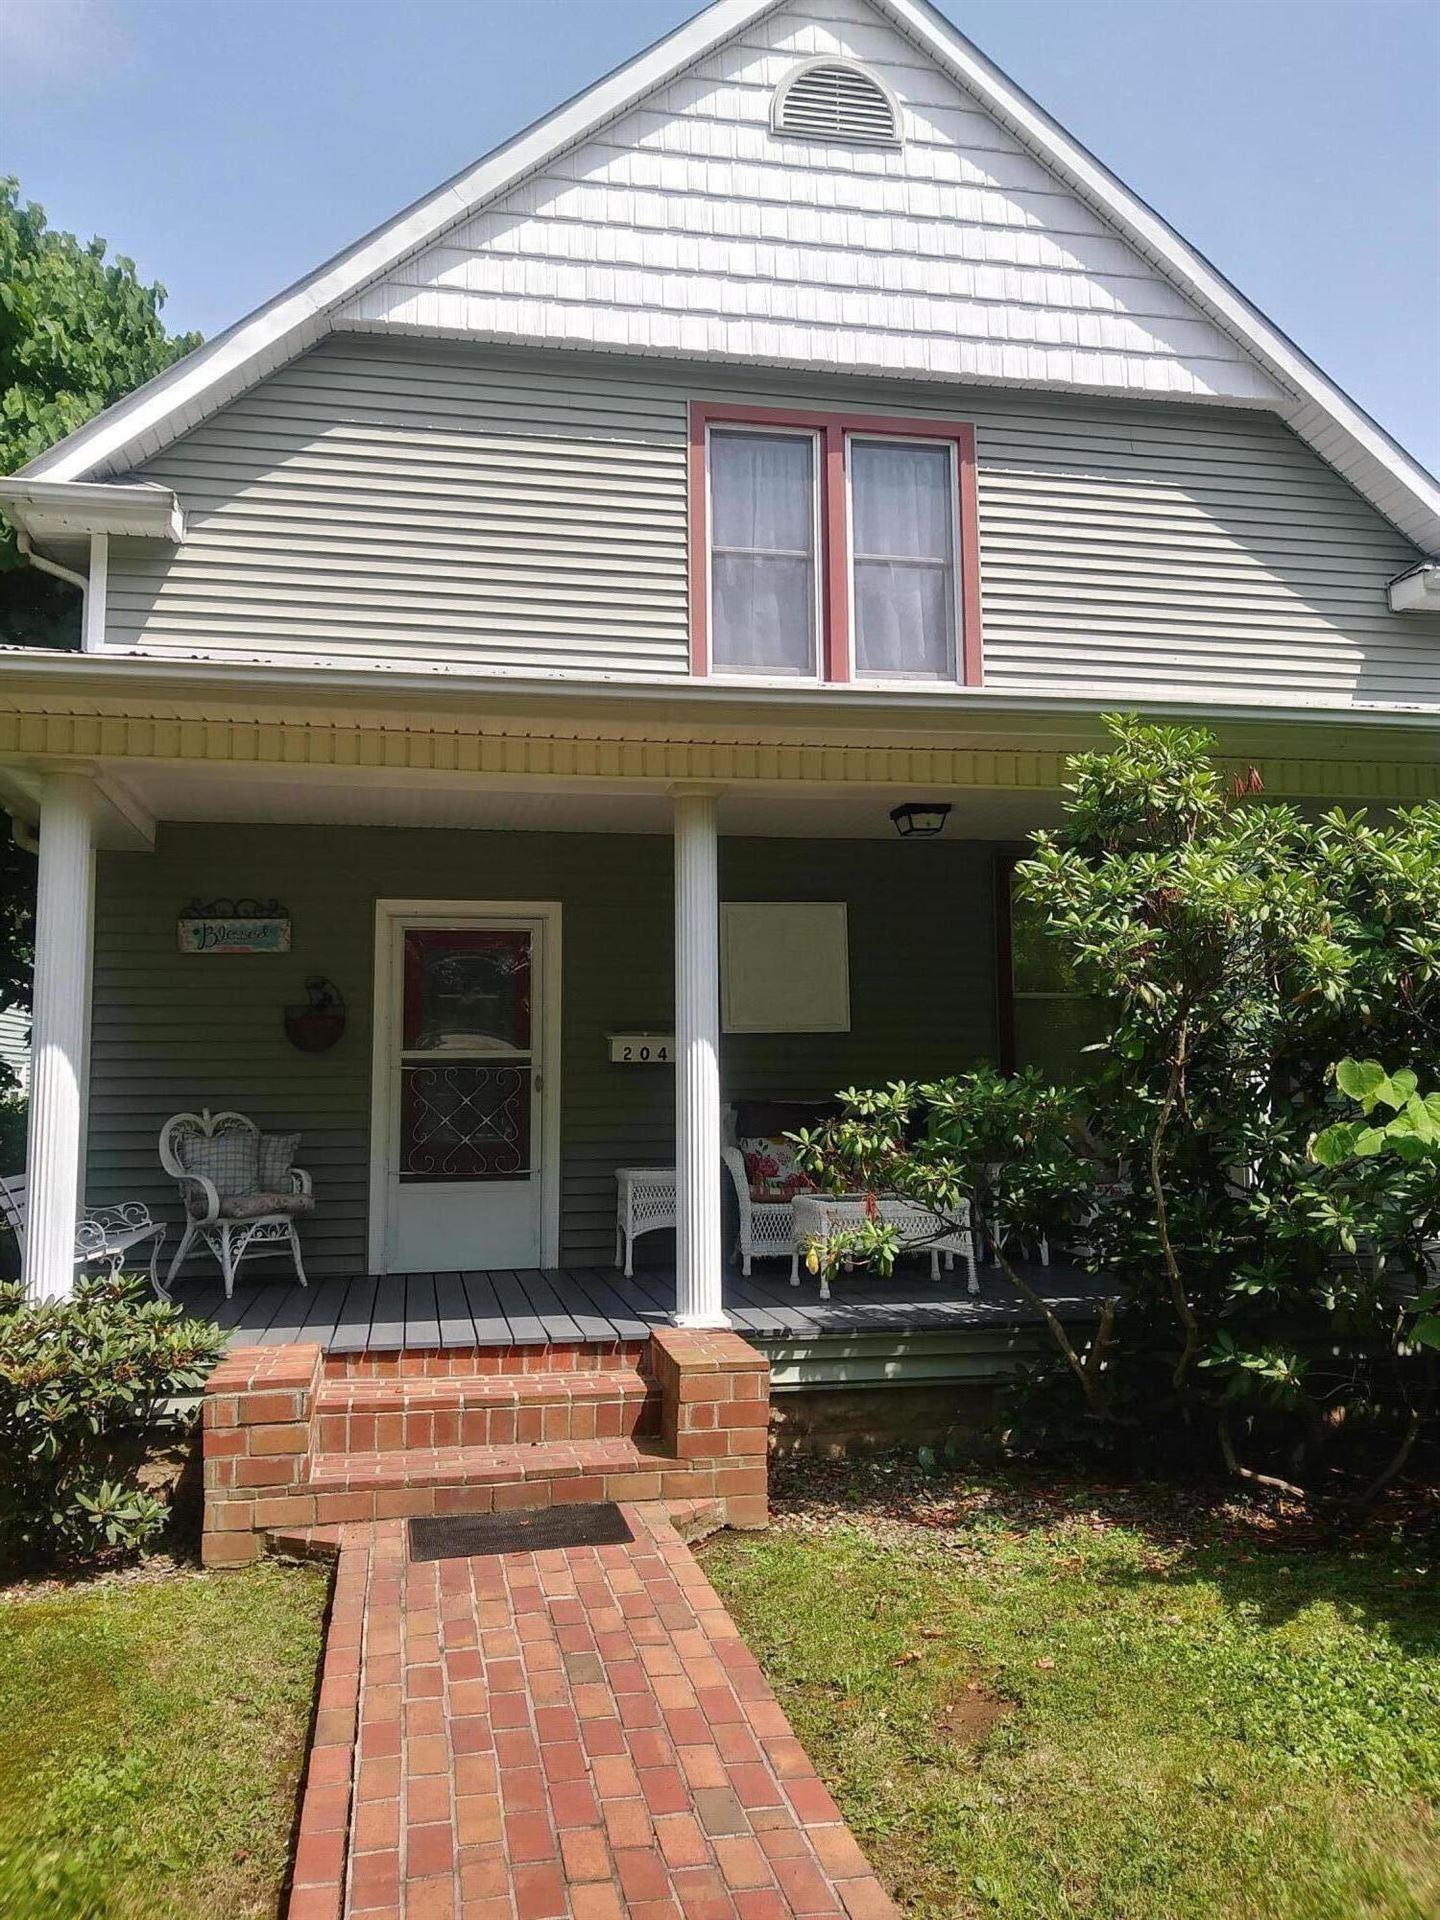 Photo of 204 North Shady Street, Mountain City, TN 37683 (MLS # 9926512)